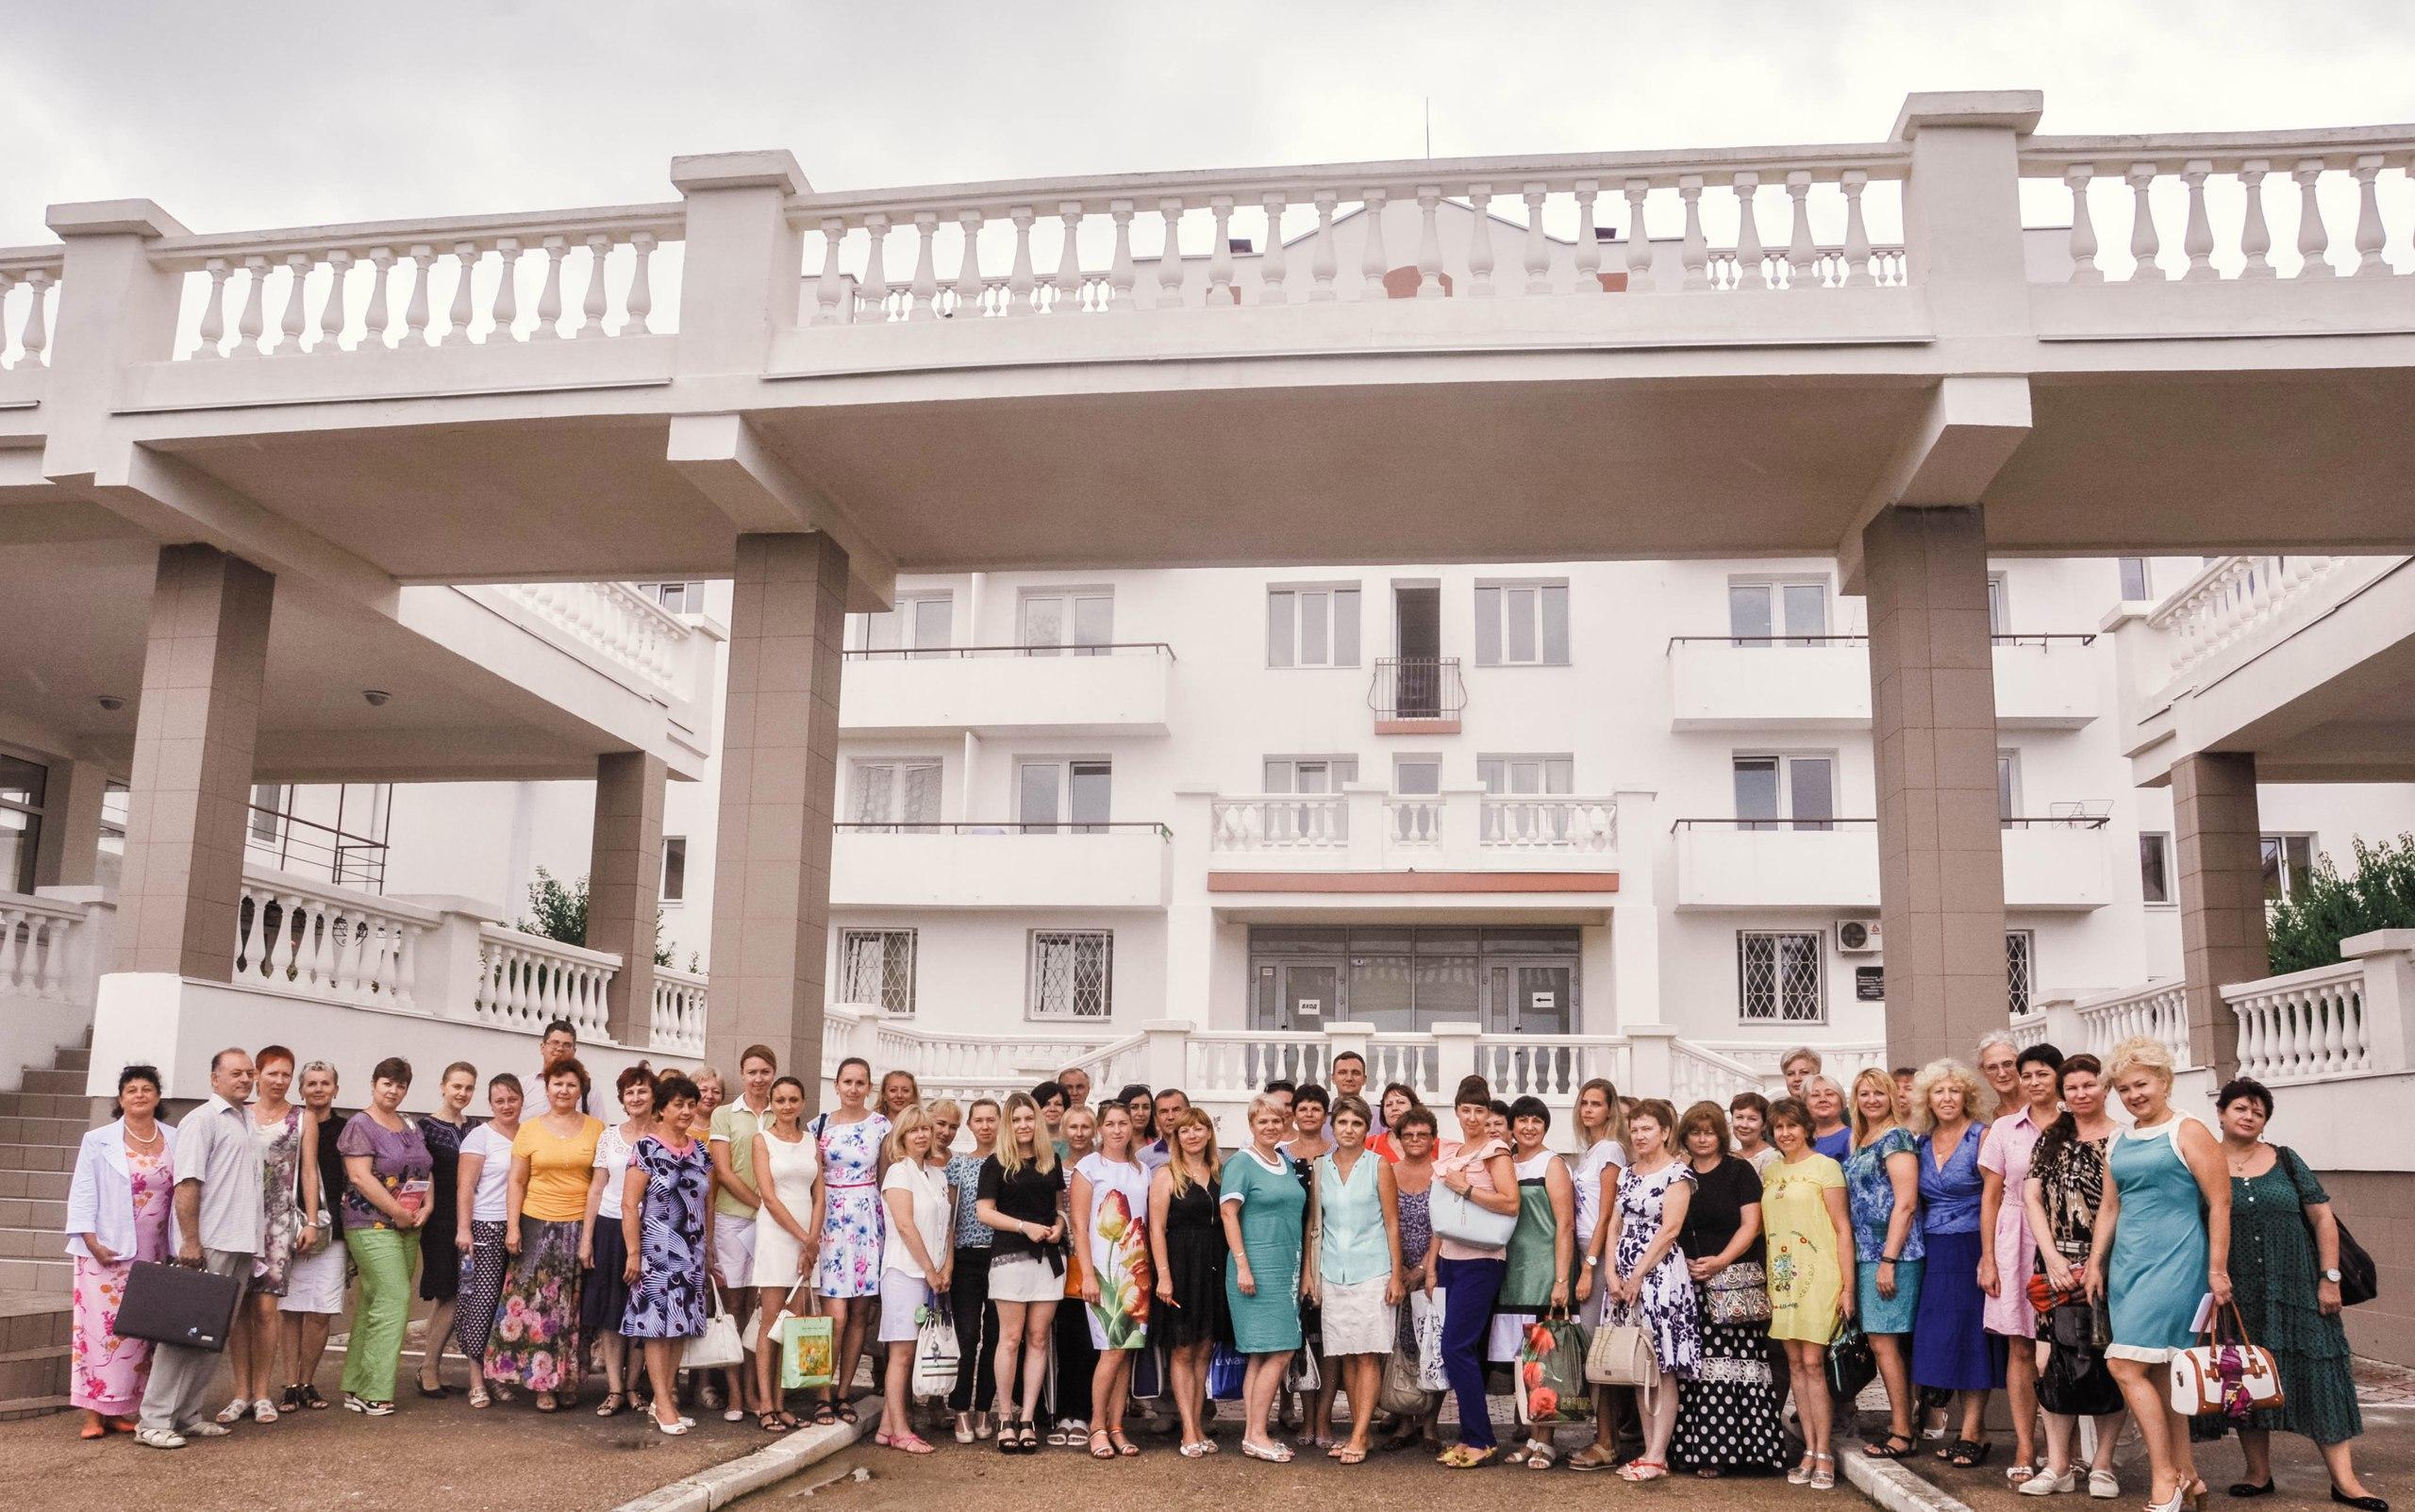 В филиале МГУ обсудили качество севастопольского образования